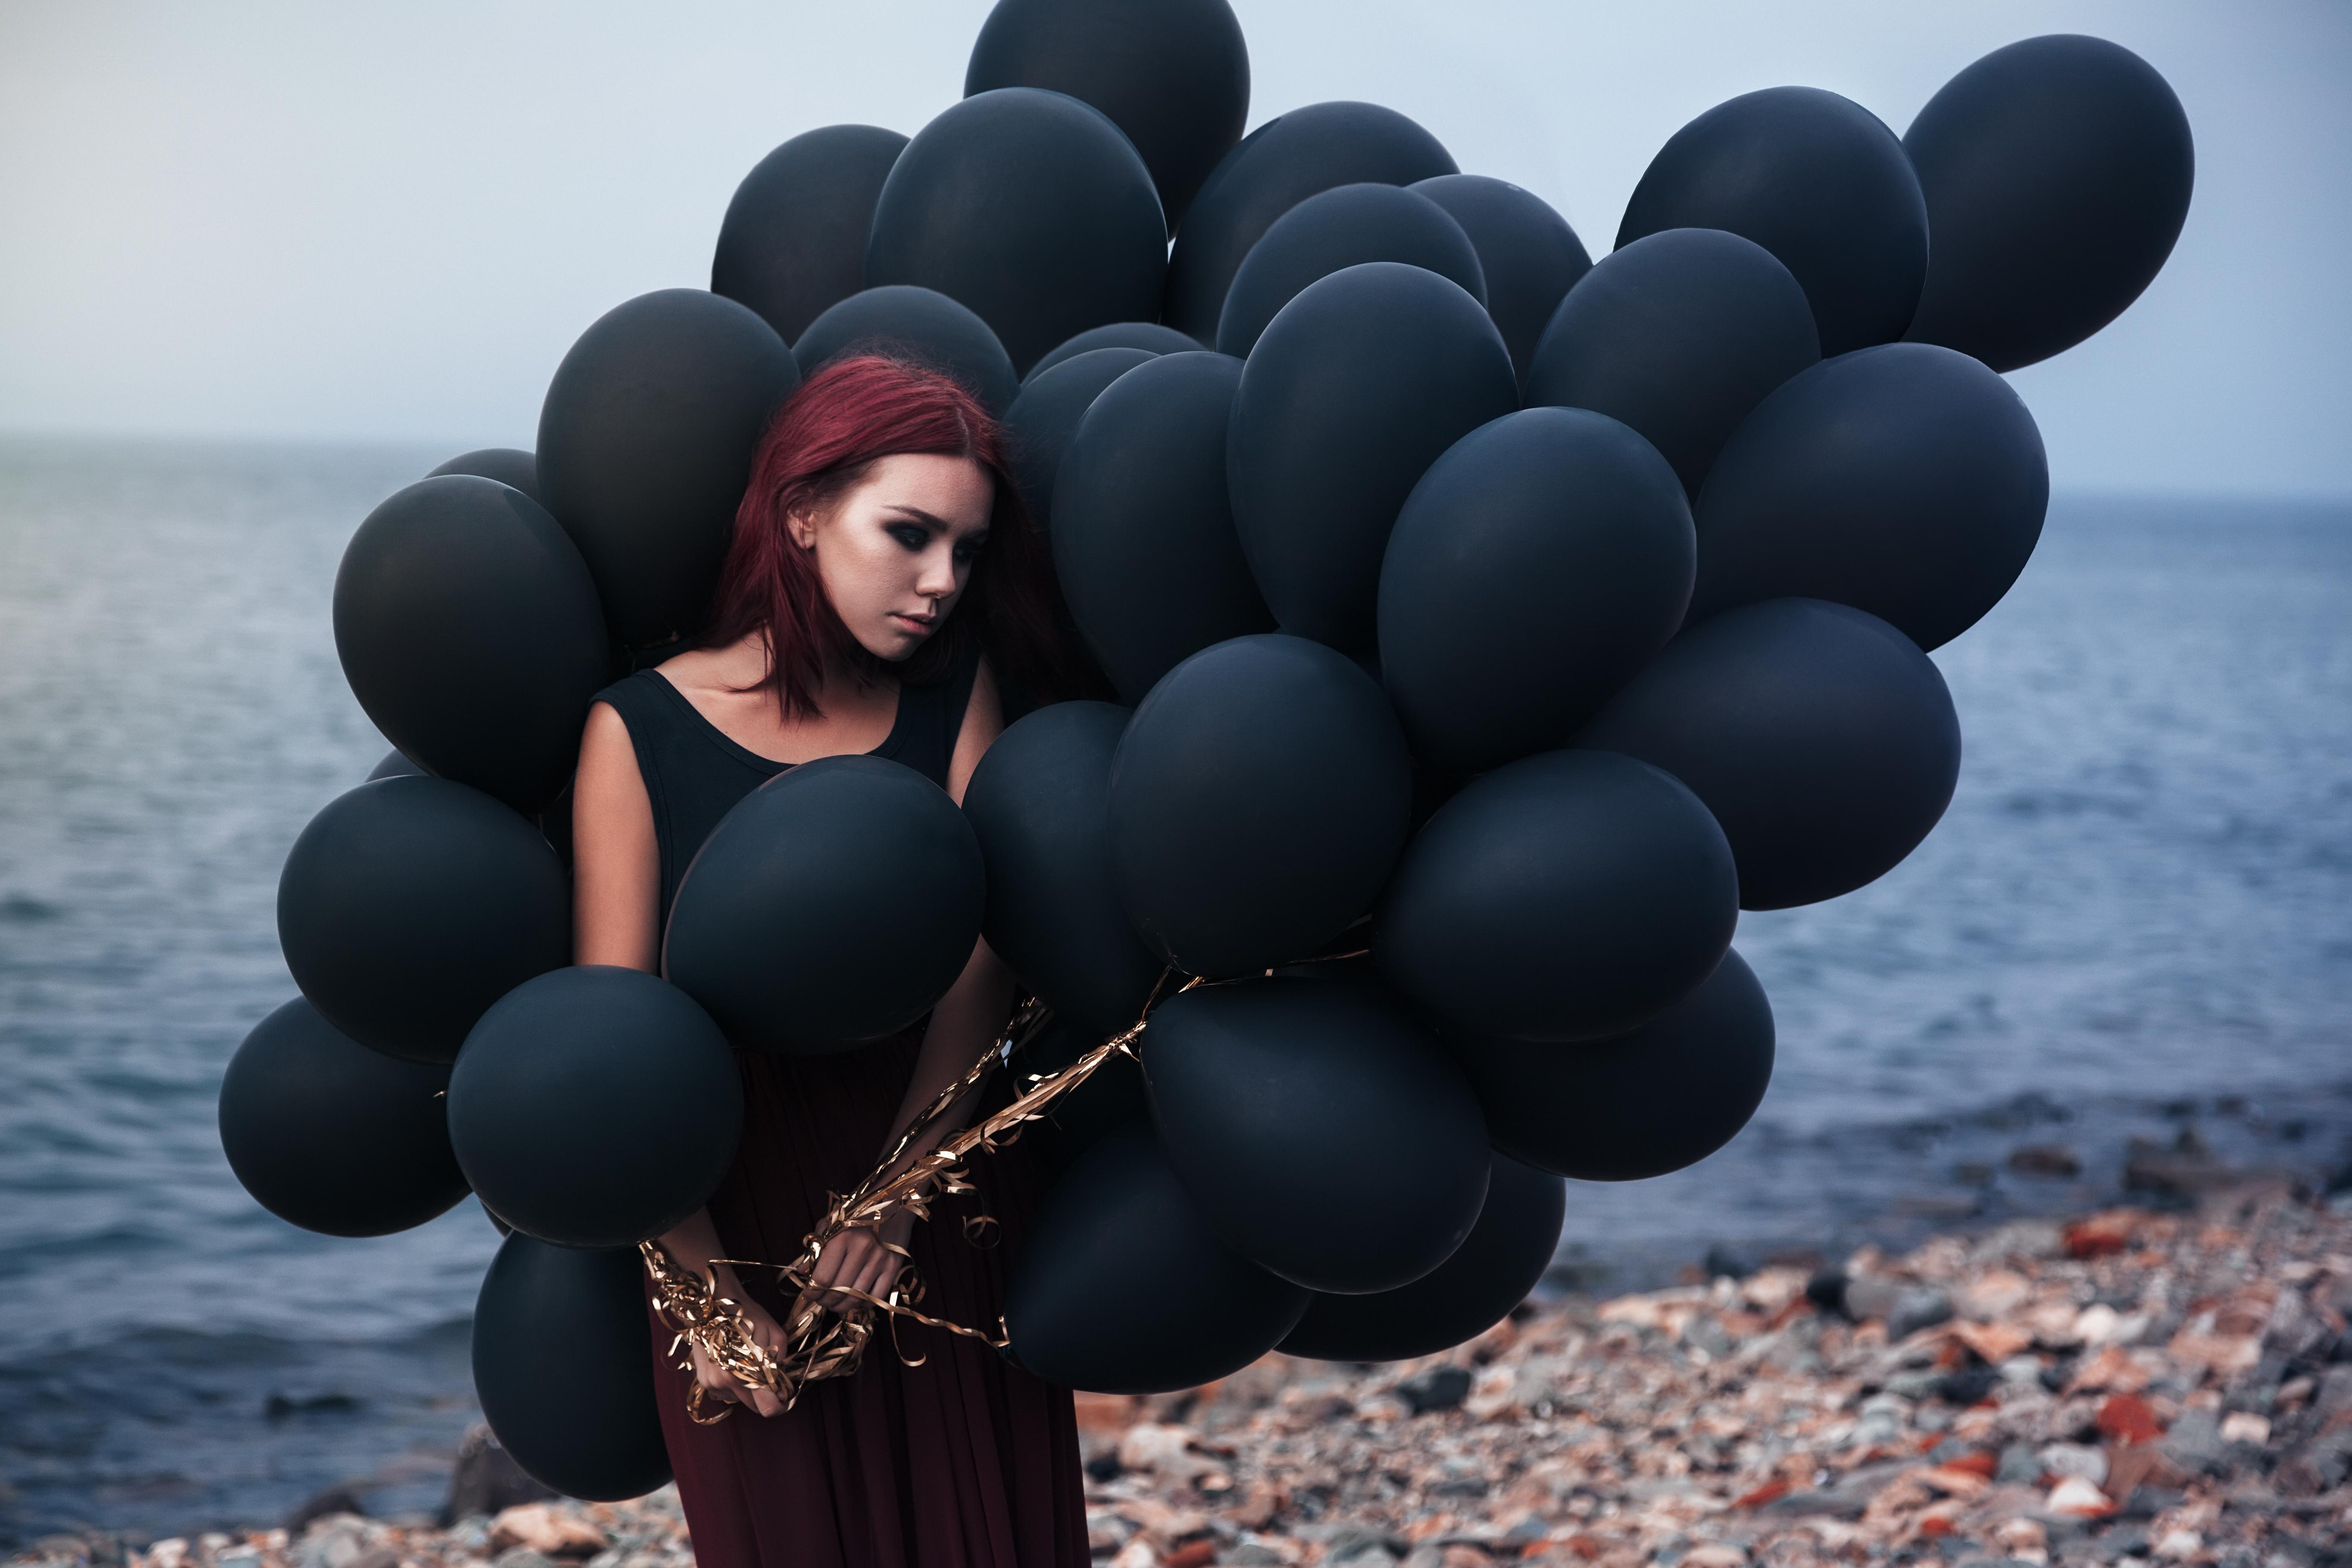 пути своему картинки с черными воздушными шариками что стояк